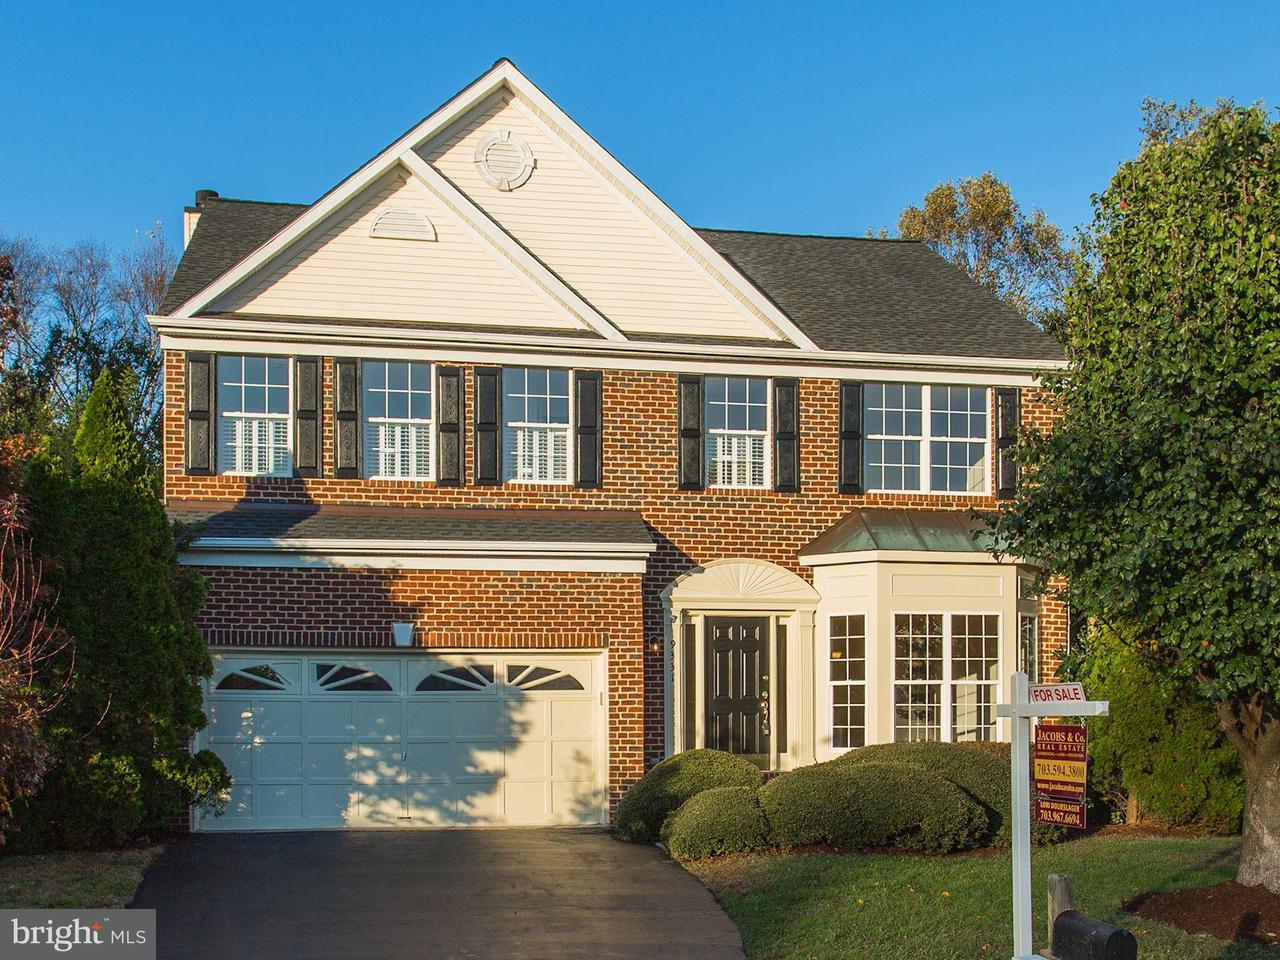 단독 가정 주택 용 매매 에 9331 Brandon Street 9331 Brandon Street Manassas Park, 버지니아 20111 미국